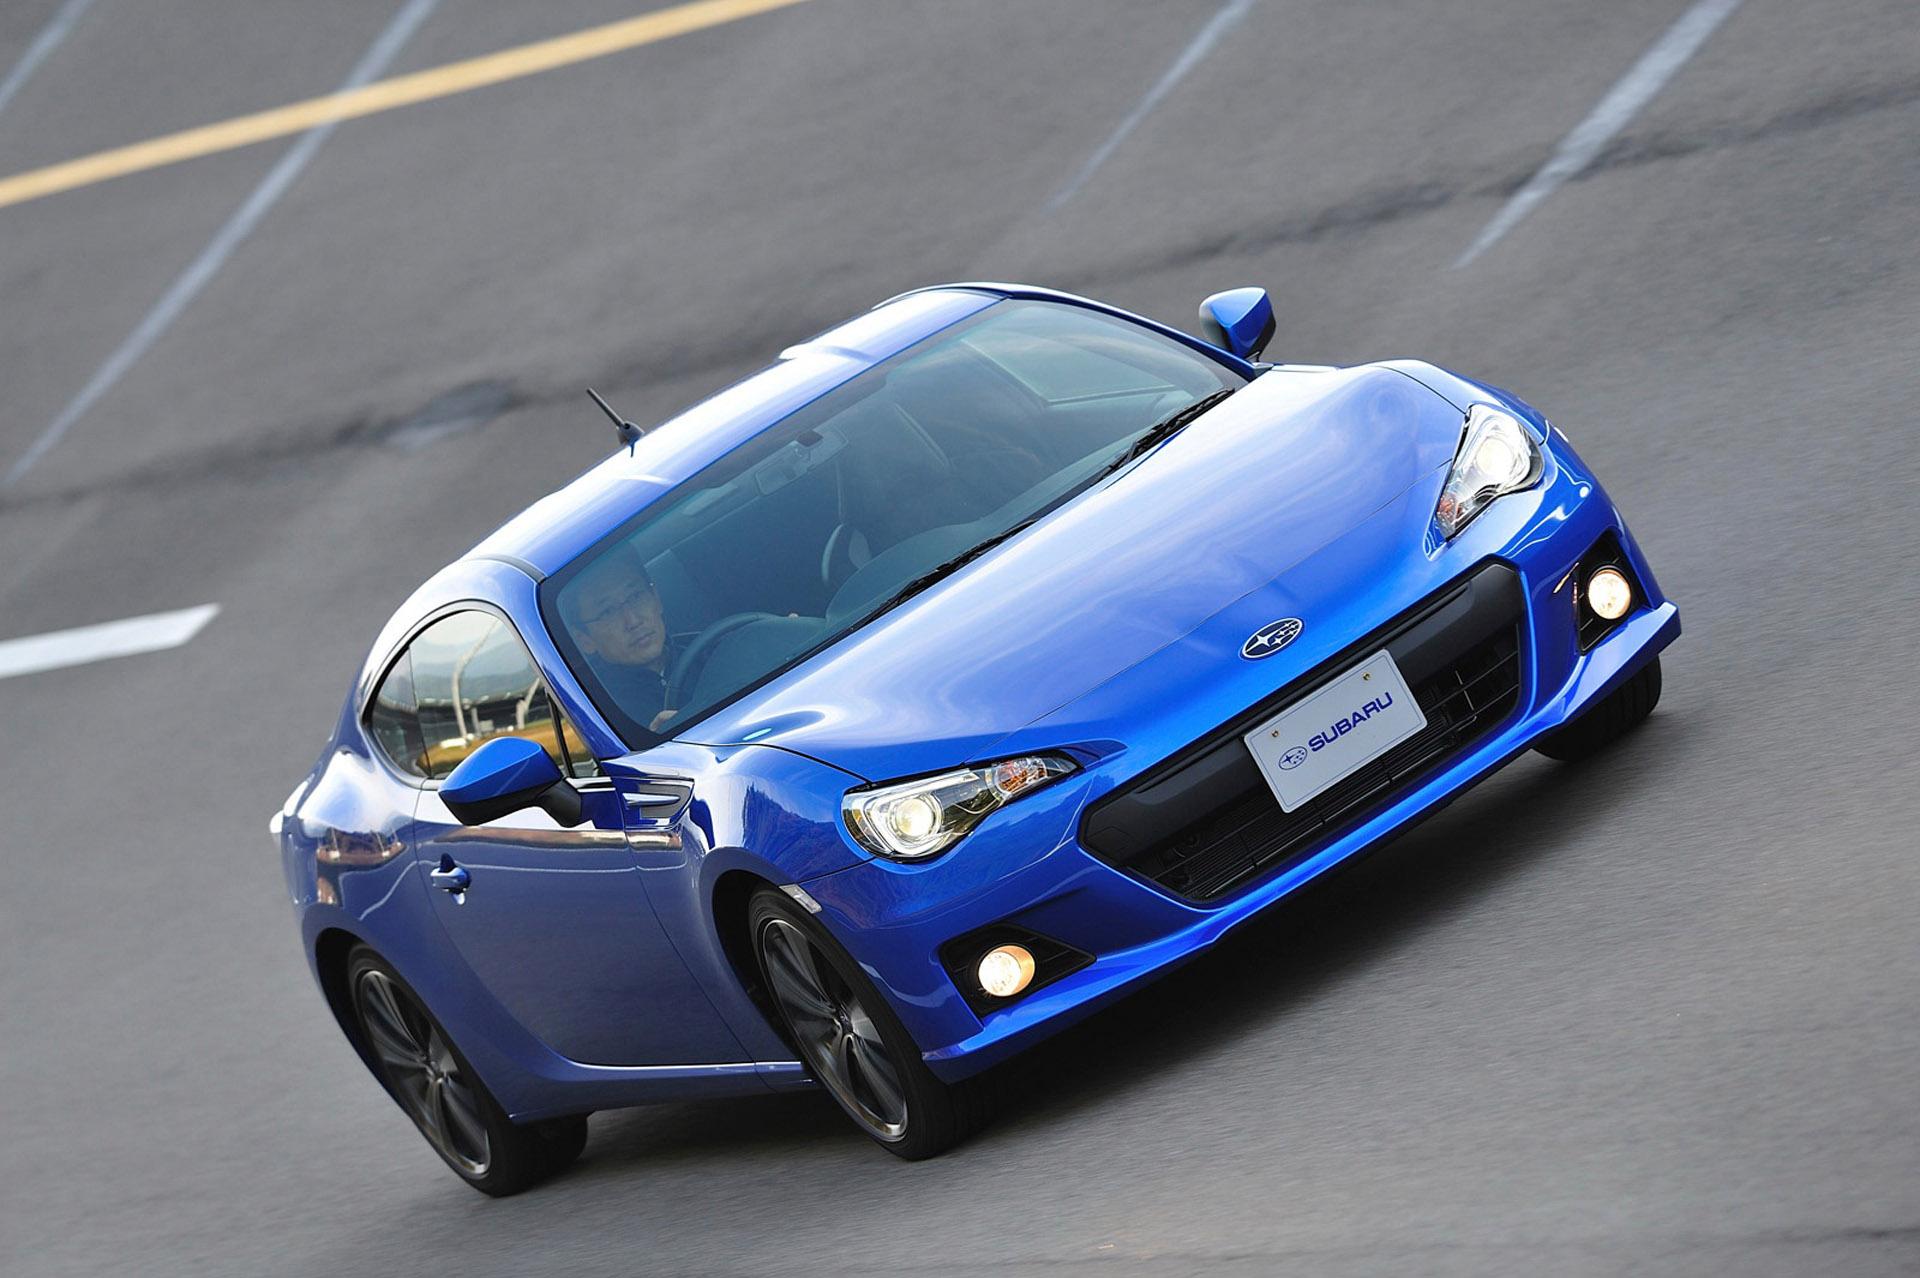 2013 Subaru BRZ US Price $25 495